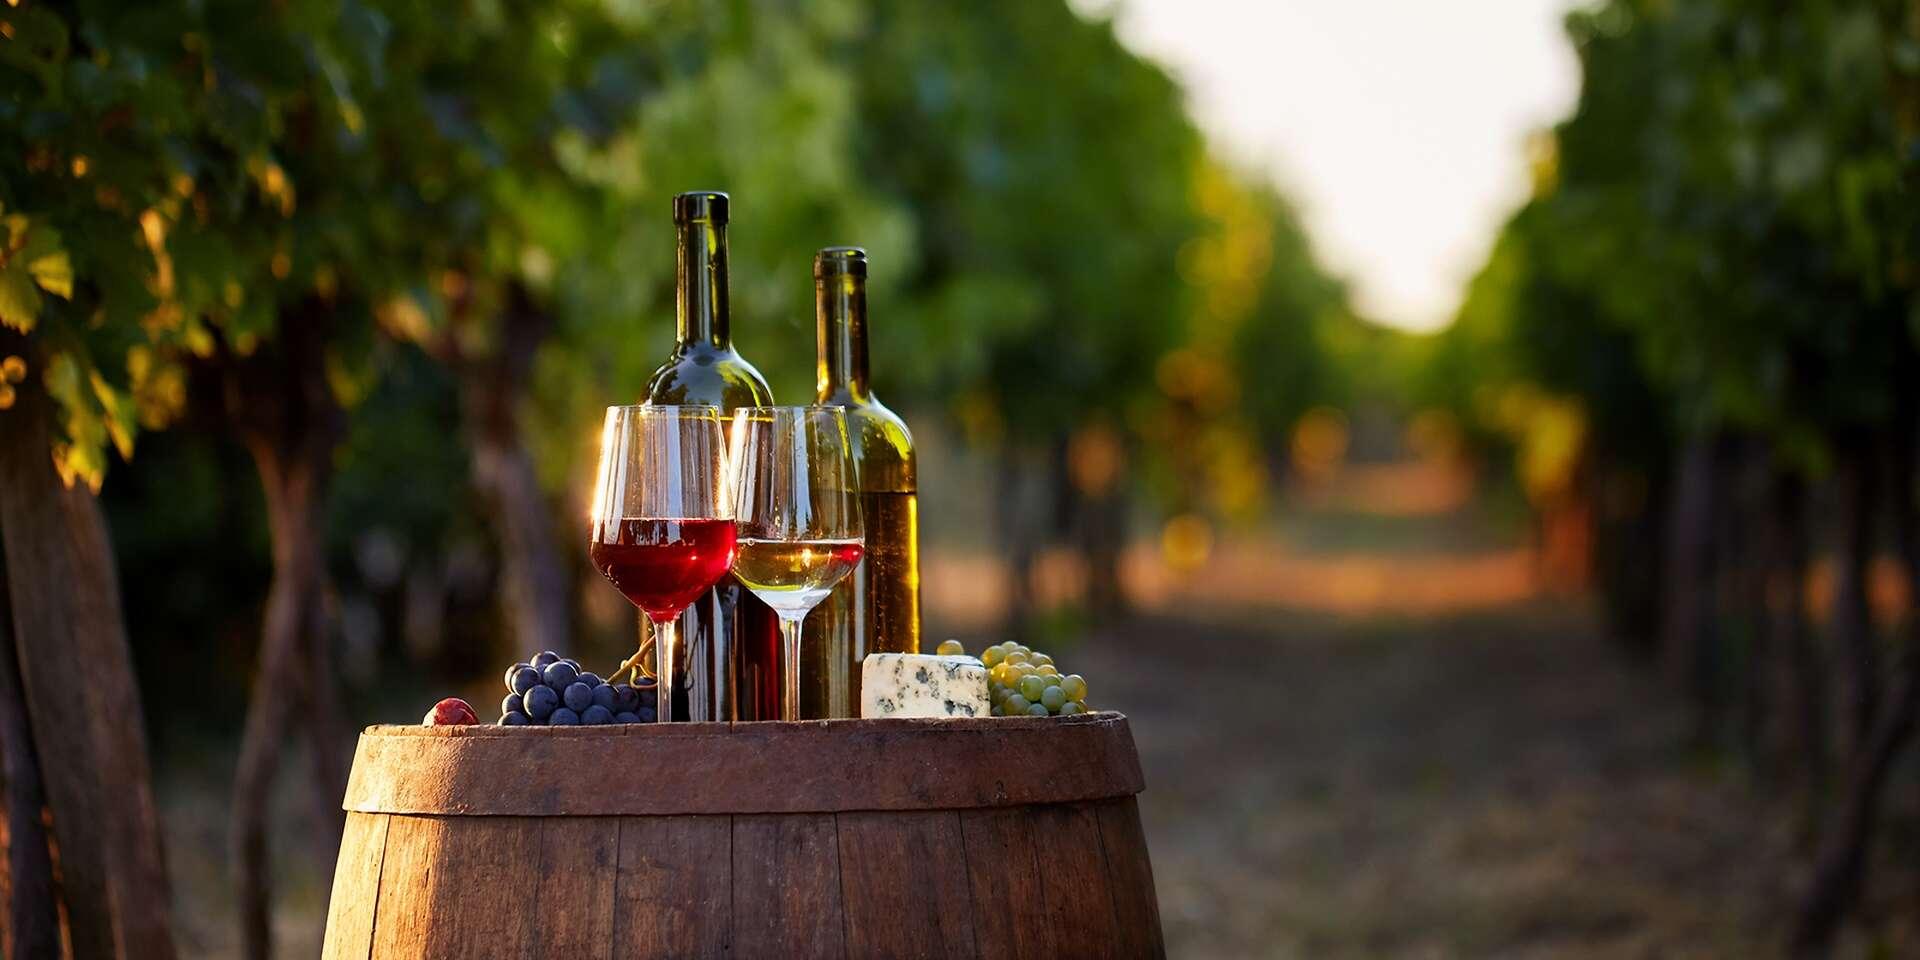 Pobyt s degustáciou a neobmedzenou konzumáciou vína vo Vinárstve Lintner na Znojemsku